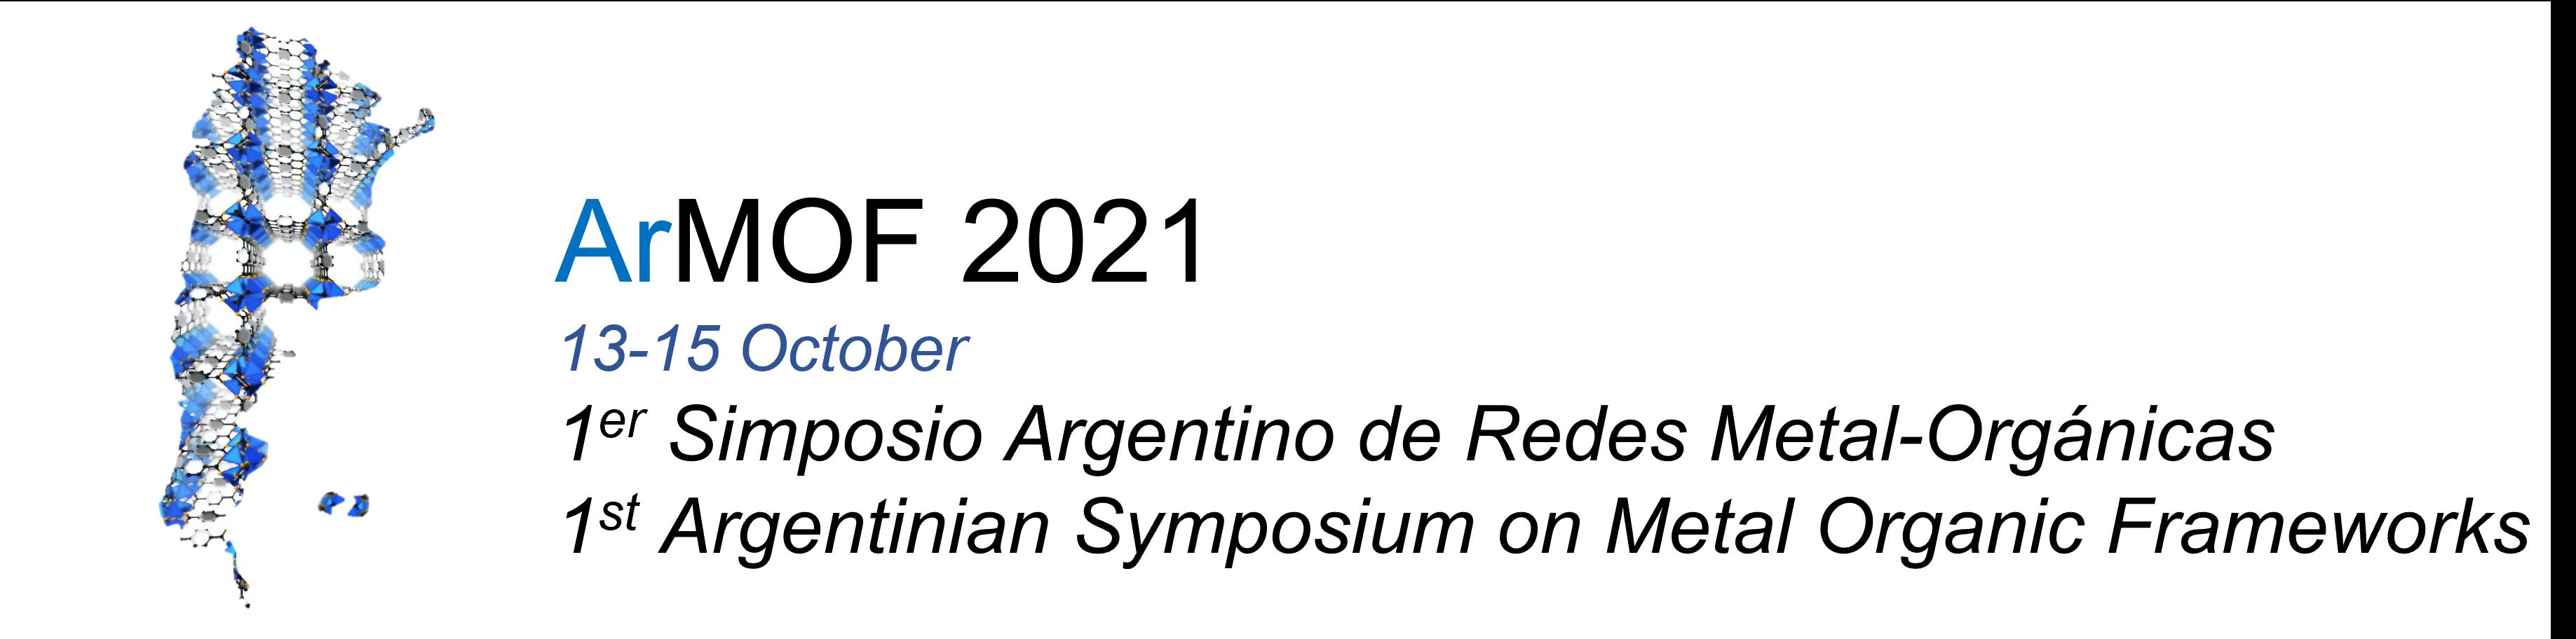 1er. Simposio Argentino de MOFs (Metal Organic Frameworks) logo